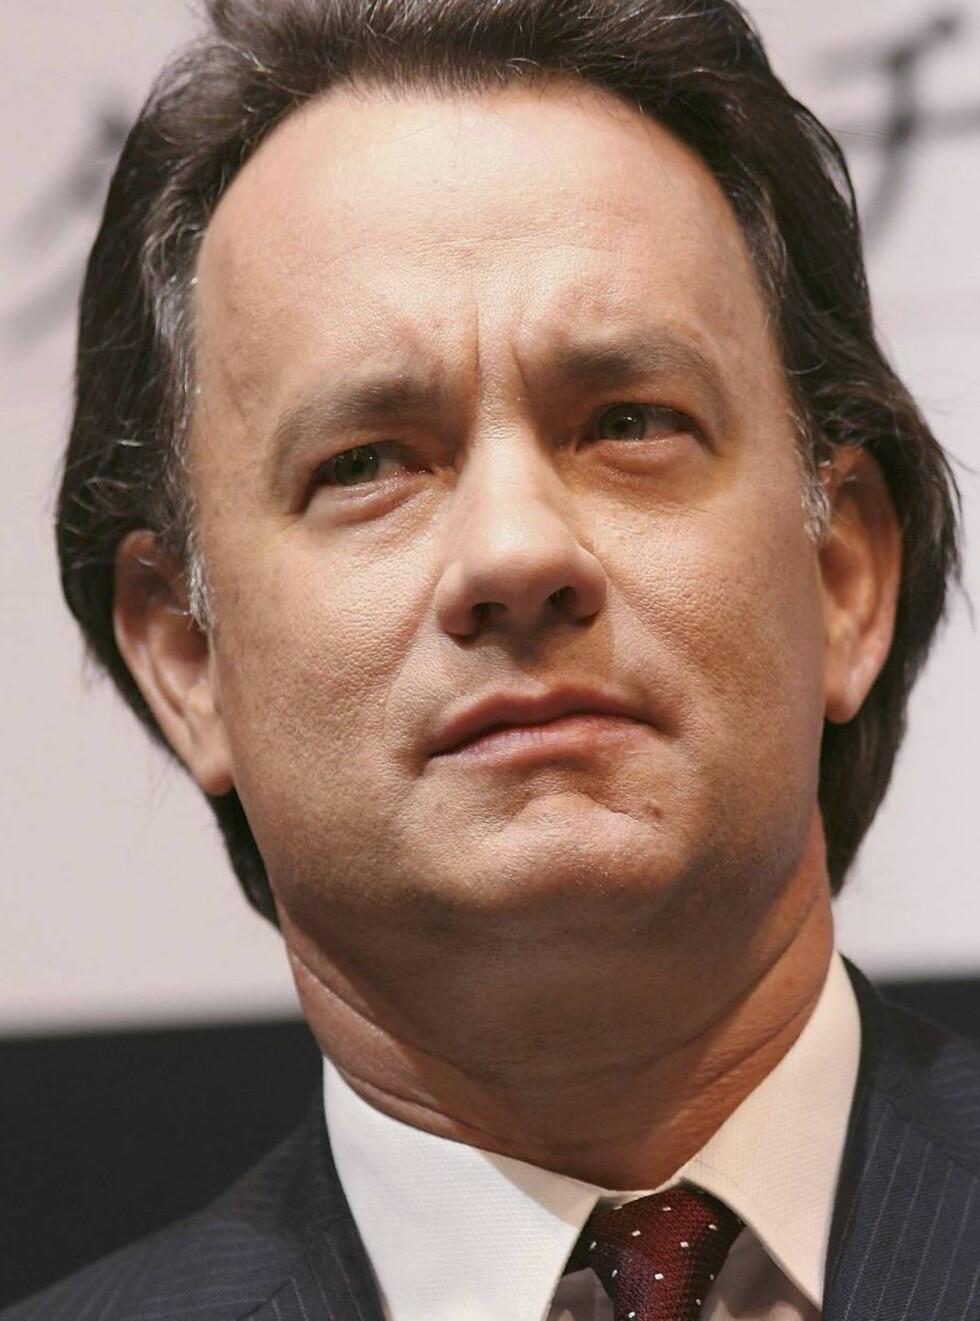 ENGASJERT: Tom Hanks mener Da Vinci-koden er en kjempesjanse for kirkens ledere. Foto: All Over Press